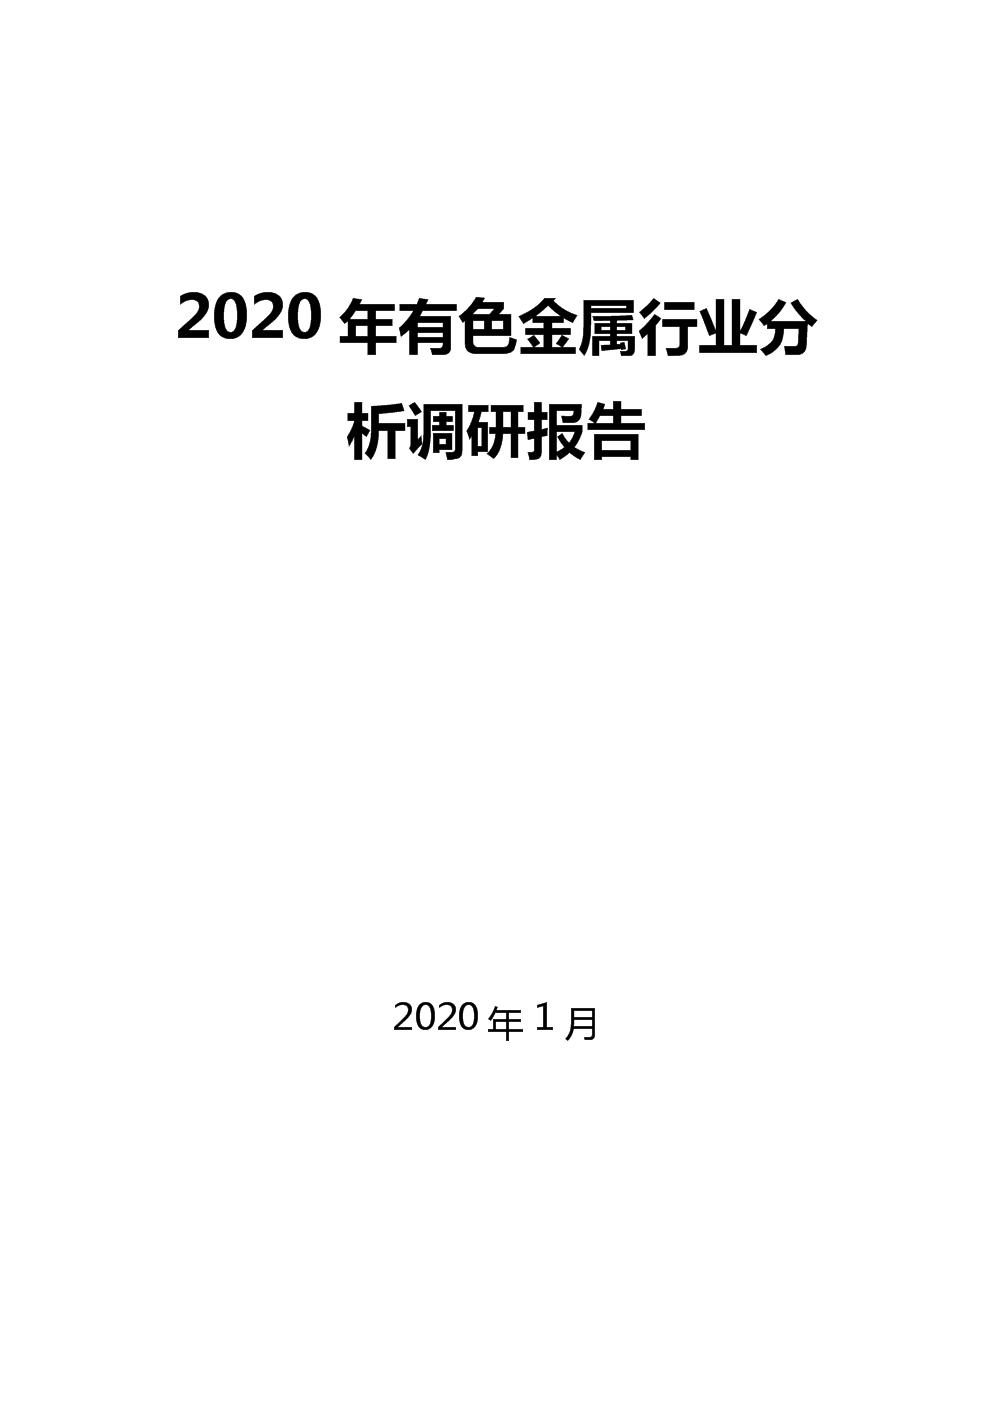 2020有色金属行业分析调研.docx